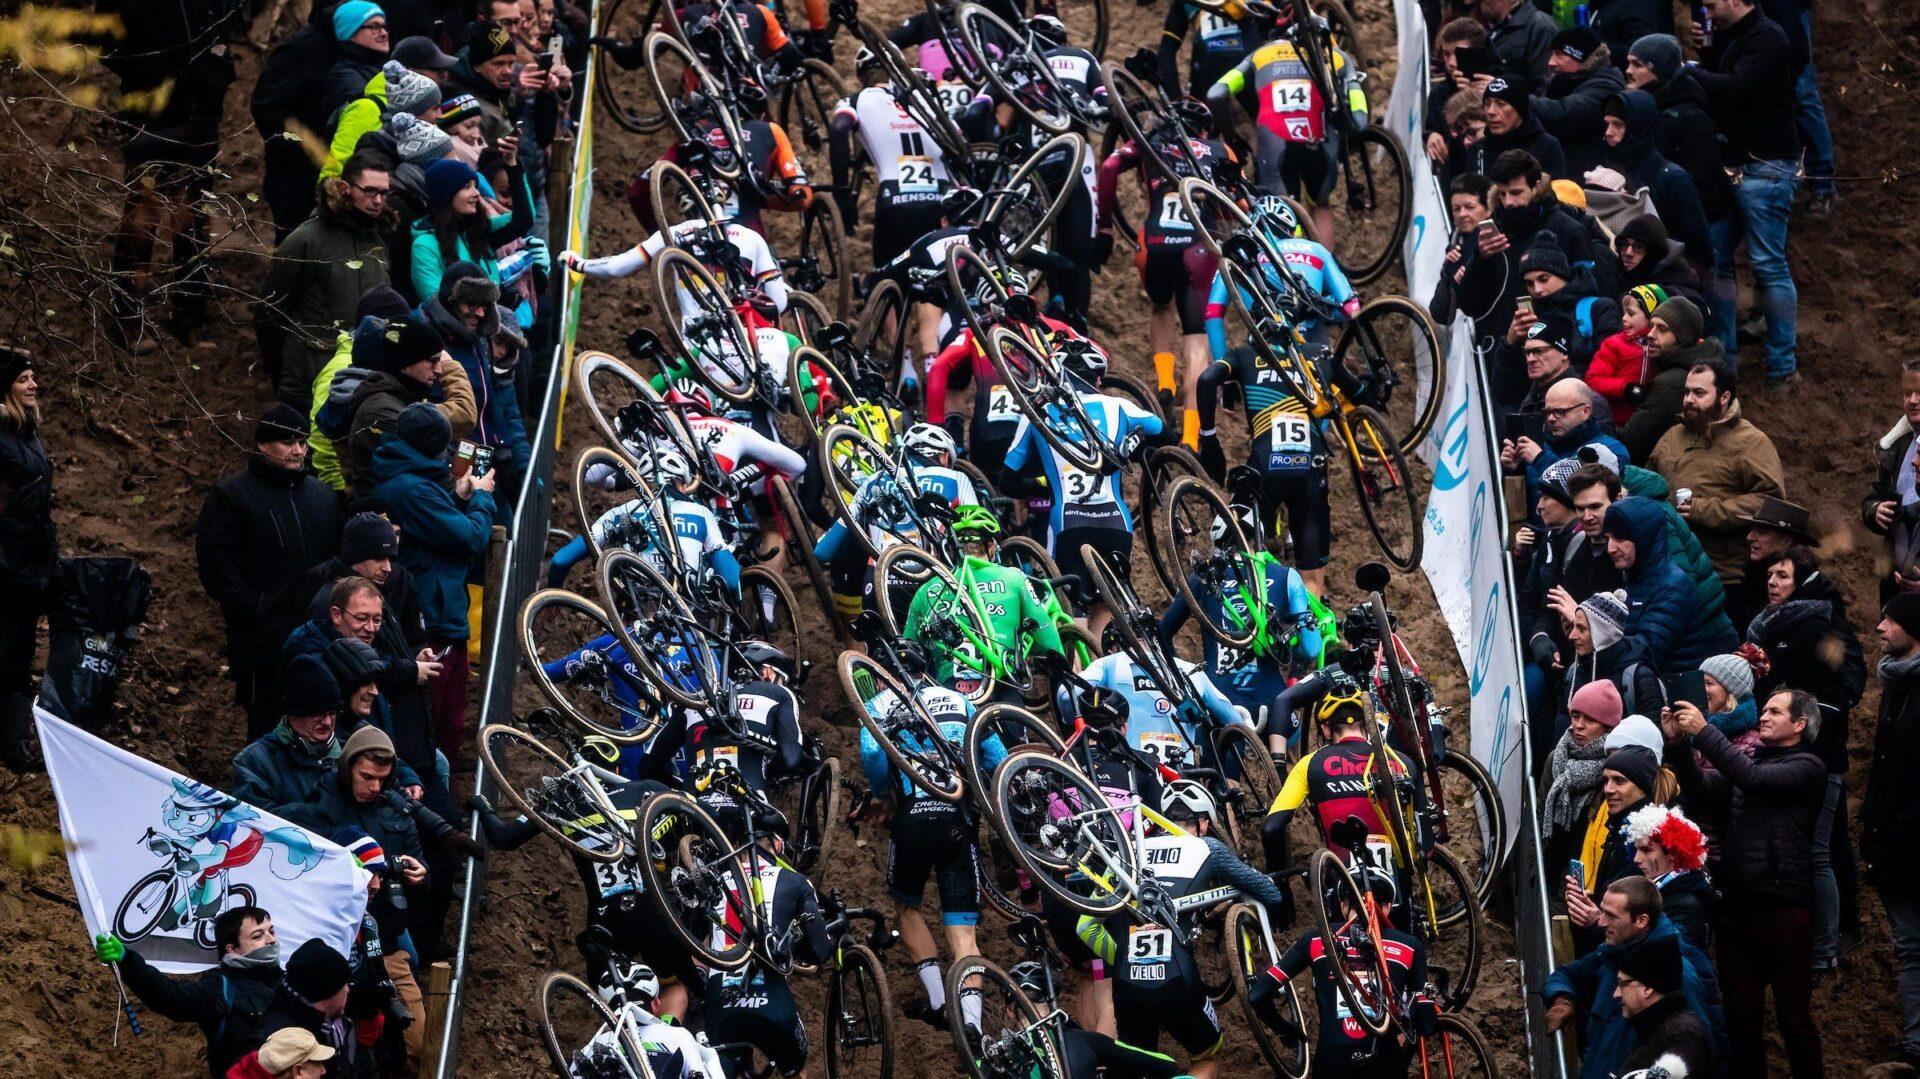 Antevisão Campeonato do Mundo de Ciclocrosse